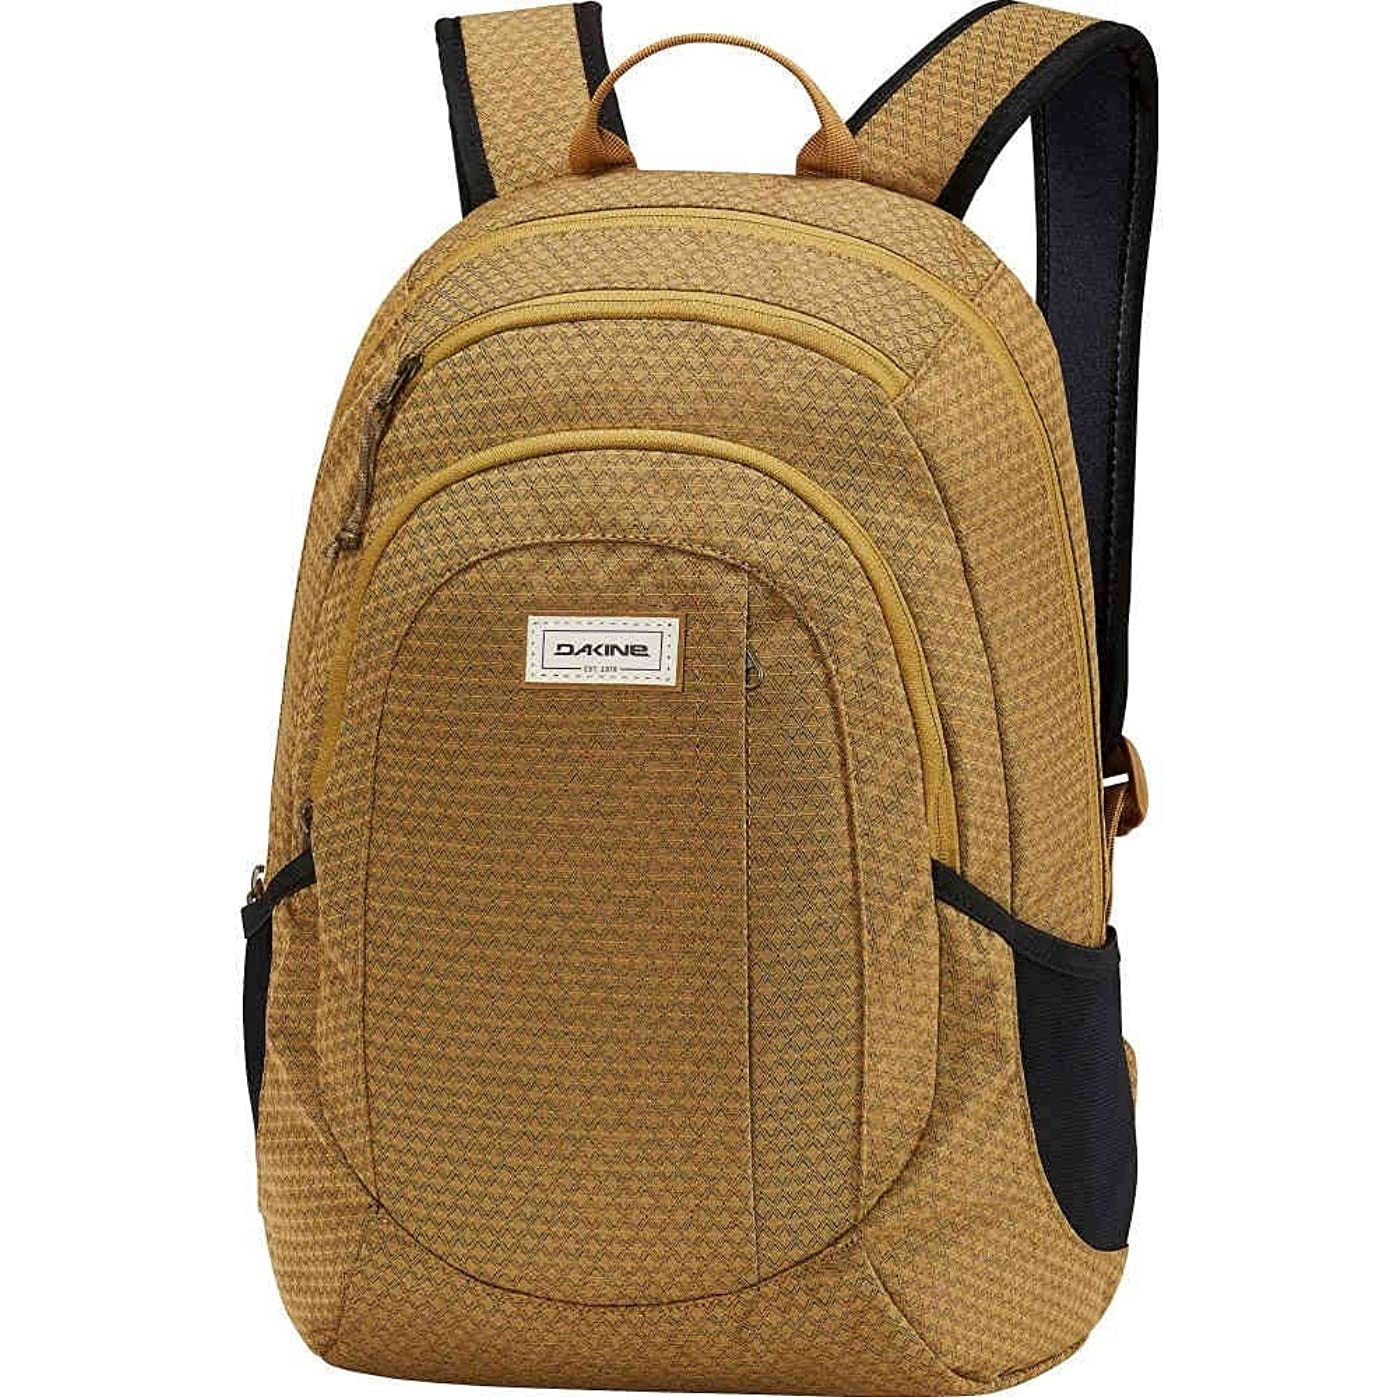 タイトルバンジージャンプうるさい(ダカイン) DAKINE レディース バッグ パソコンバッグ Garden 20L Backpack [並行輸入品]